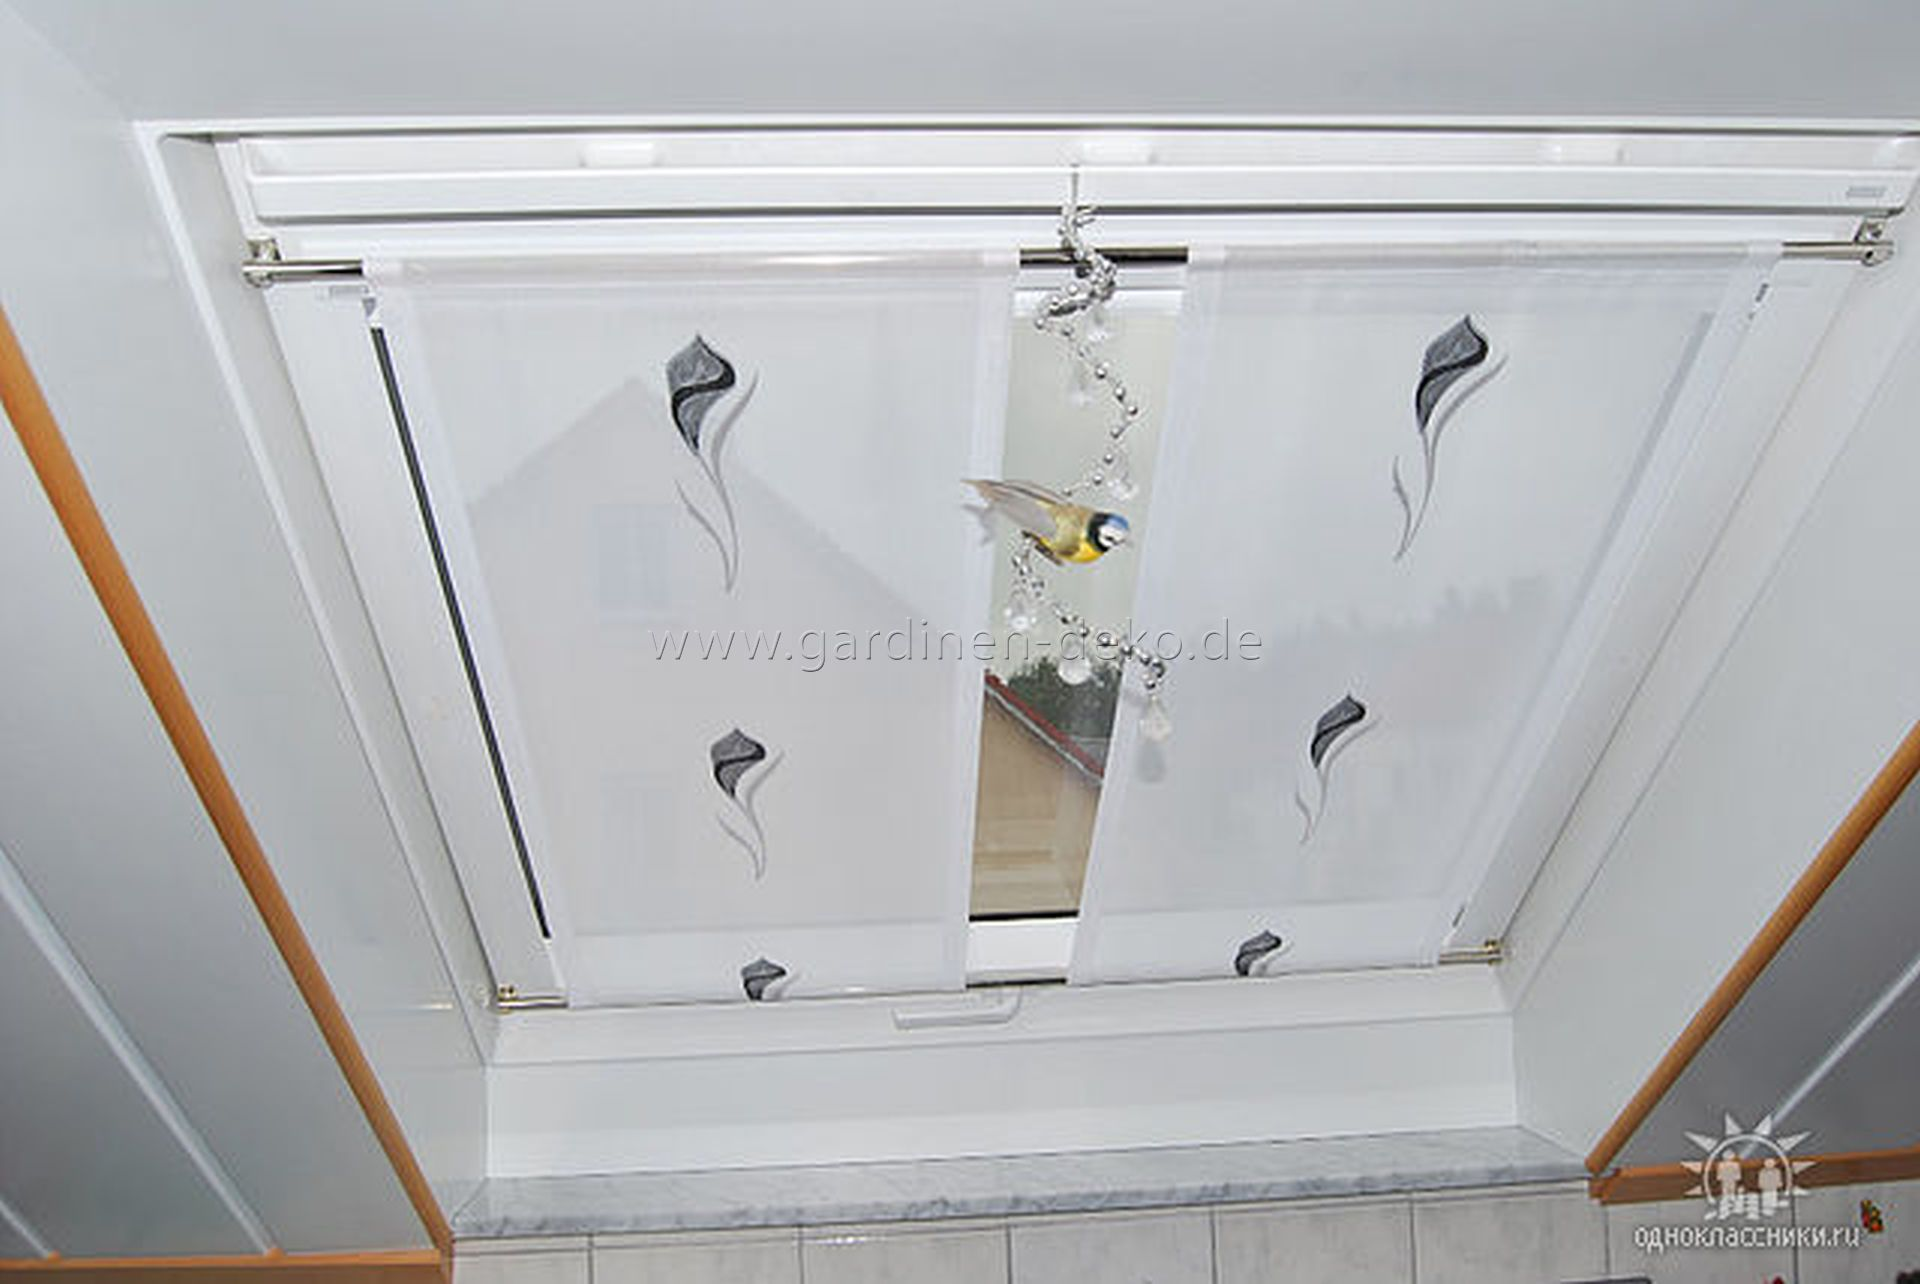 Dachschrge vorhang  Heller statischer Vorhang für Dachschrägen mit Blumenmuster - http ...